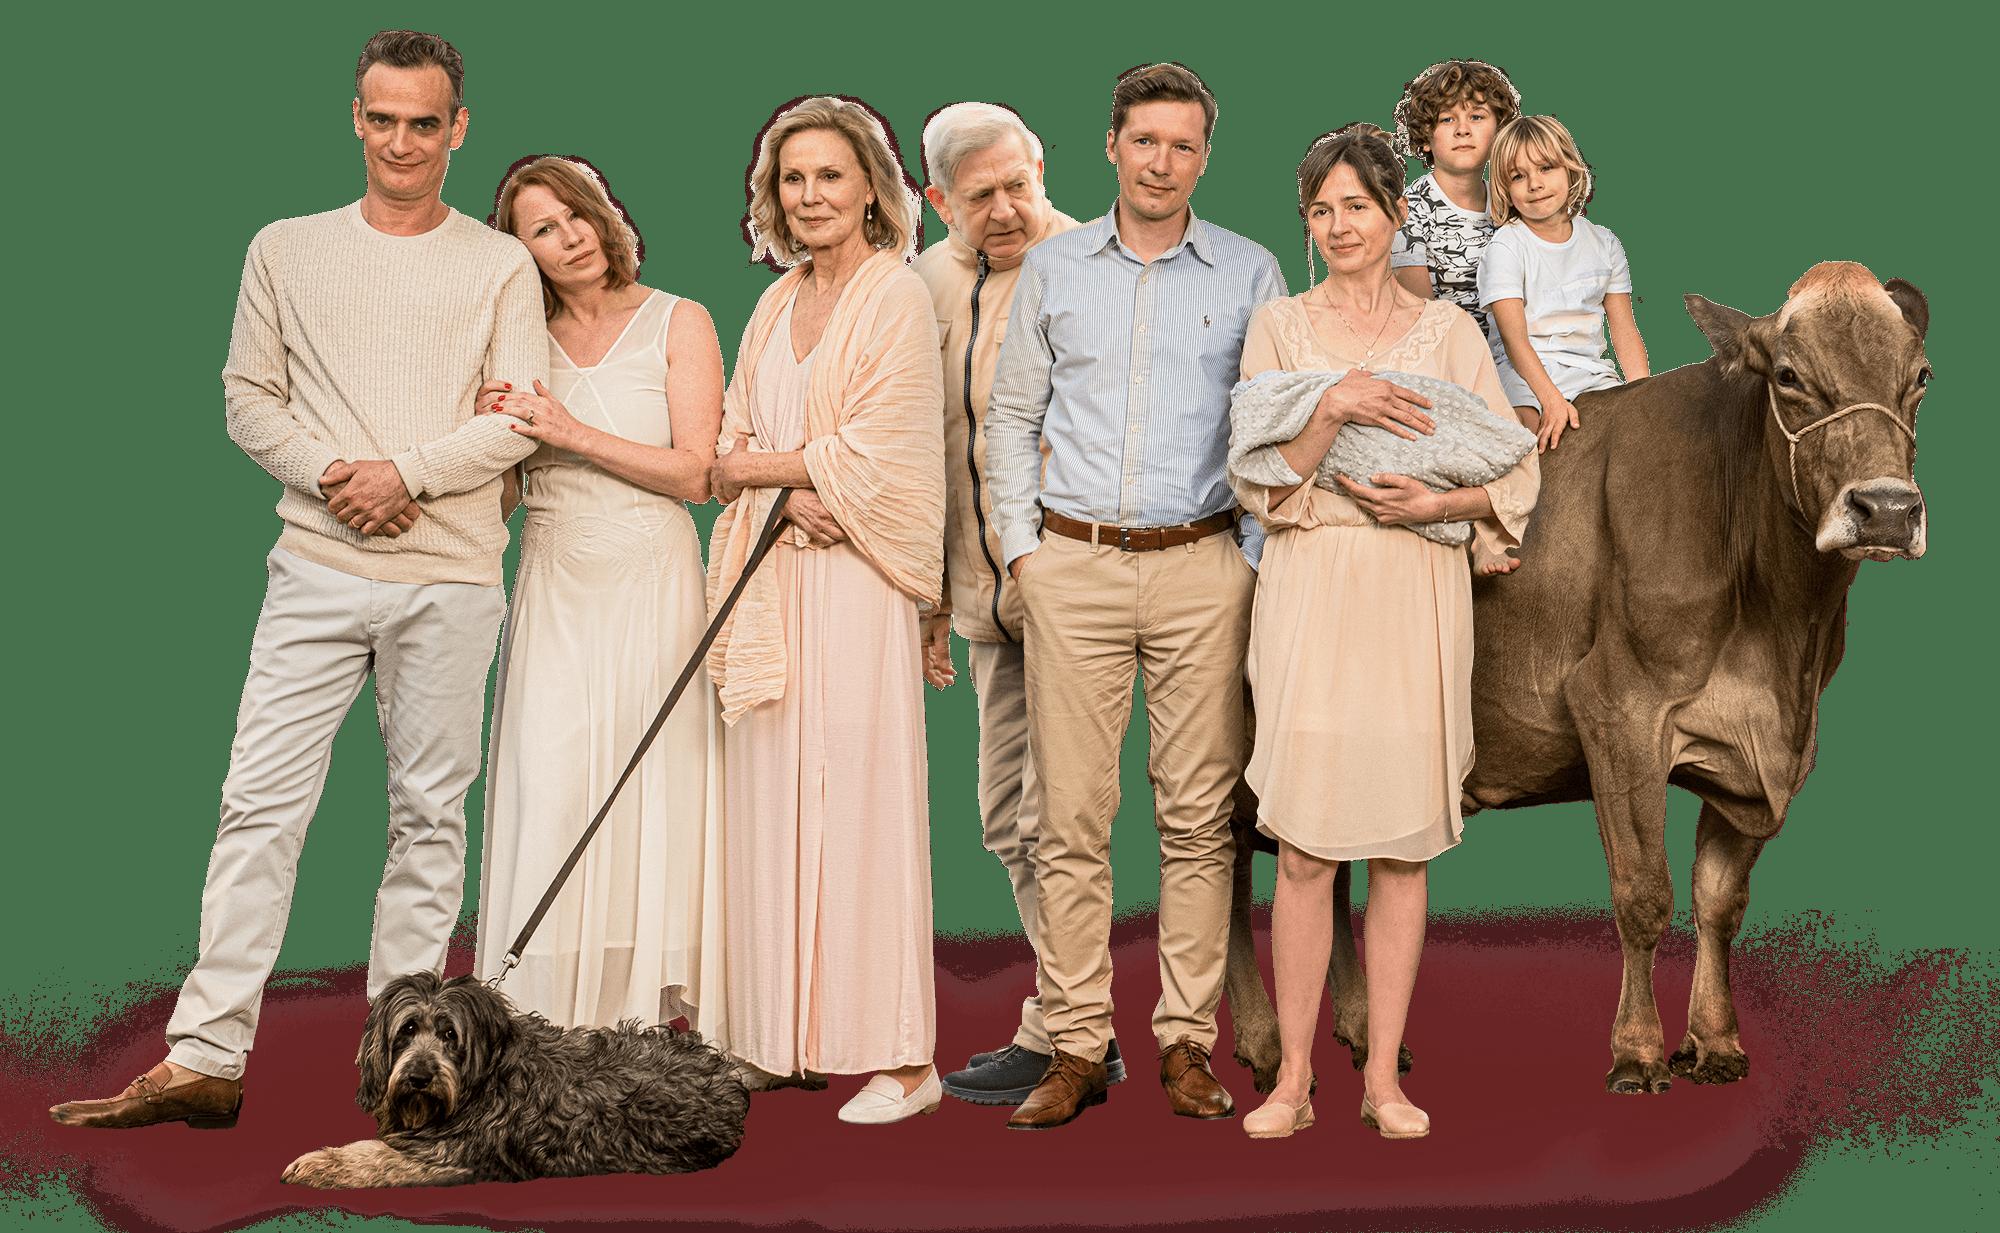 Gruppenfoto aller Schauspieler:innen und eine Kuh.